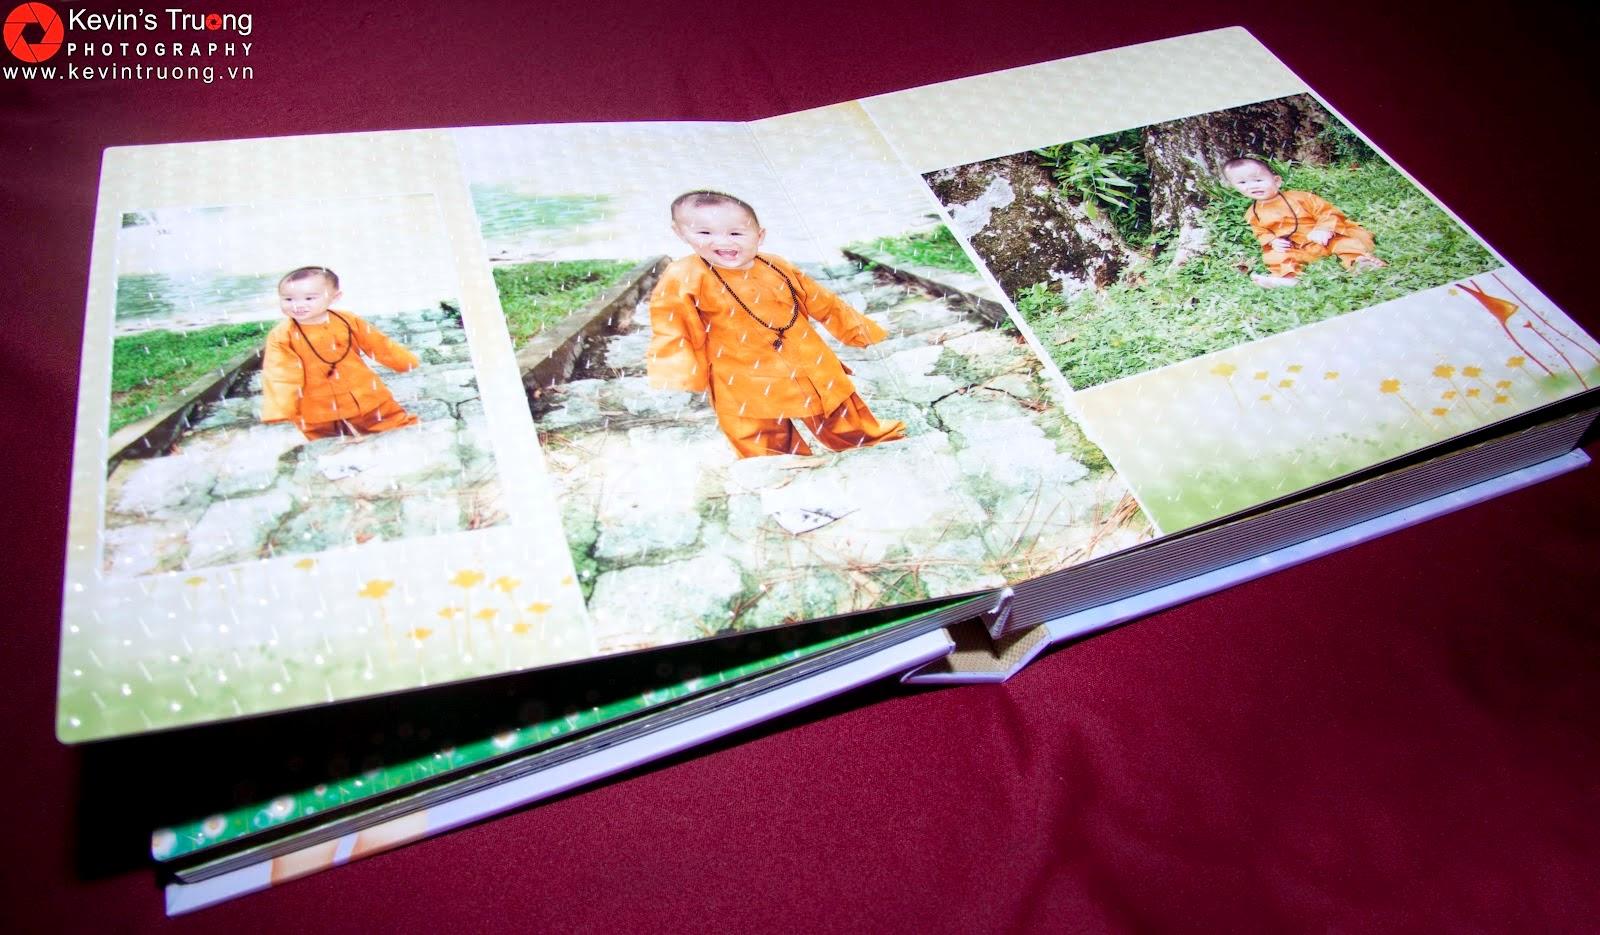 Gia Công-In Album Cát Kim Tuyến-Album 3D,Photobook,Ép gỗ các loại - 6